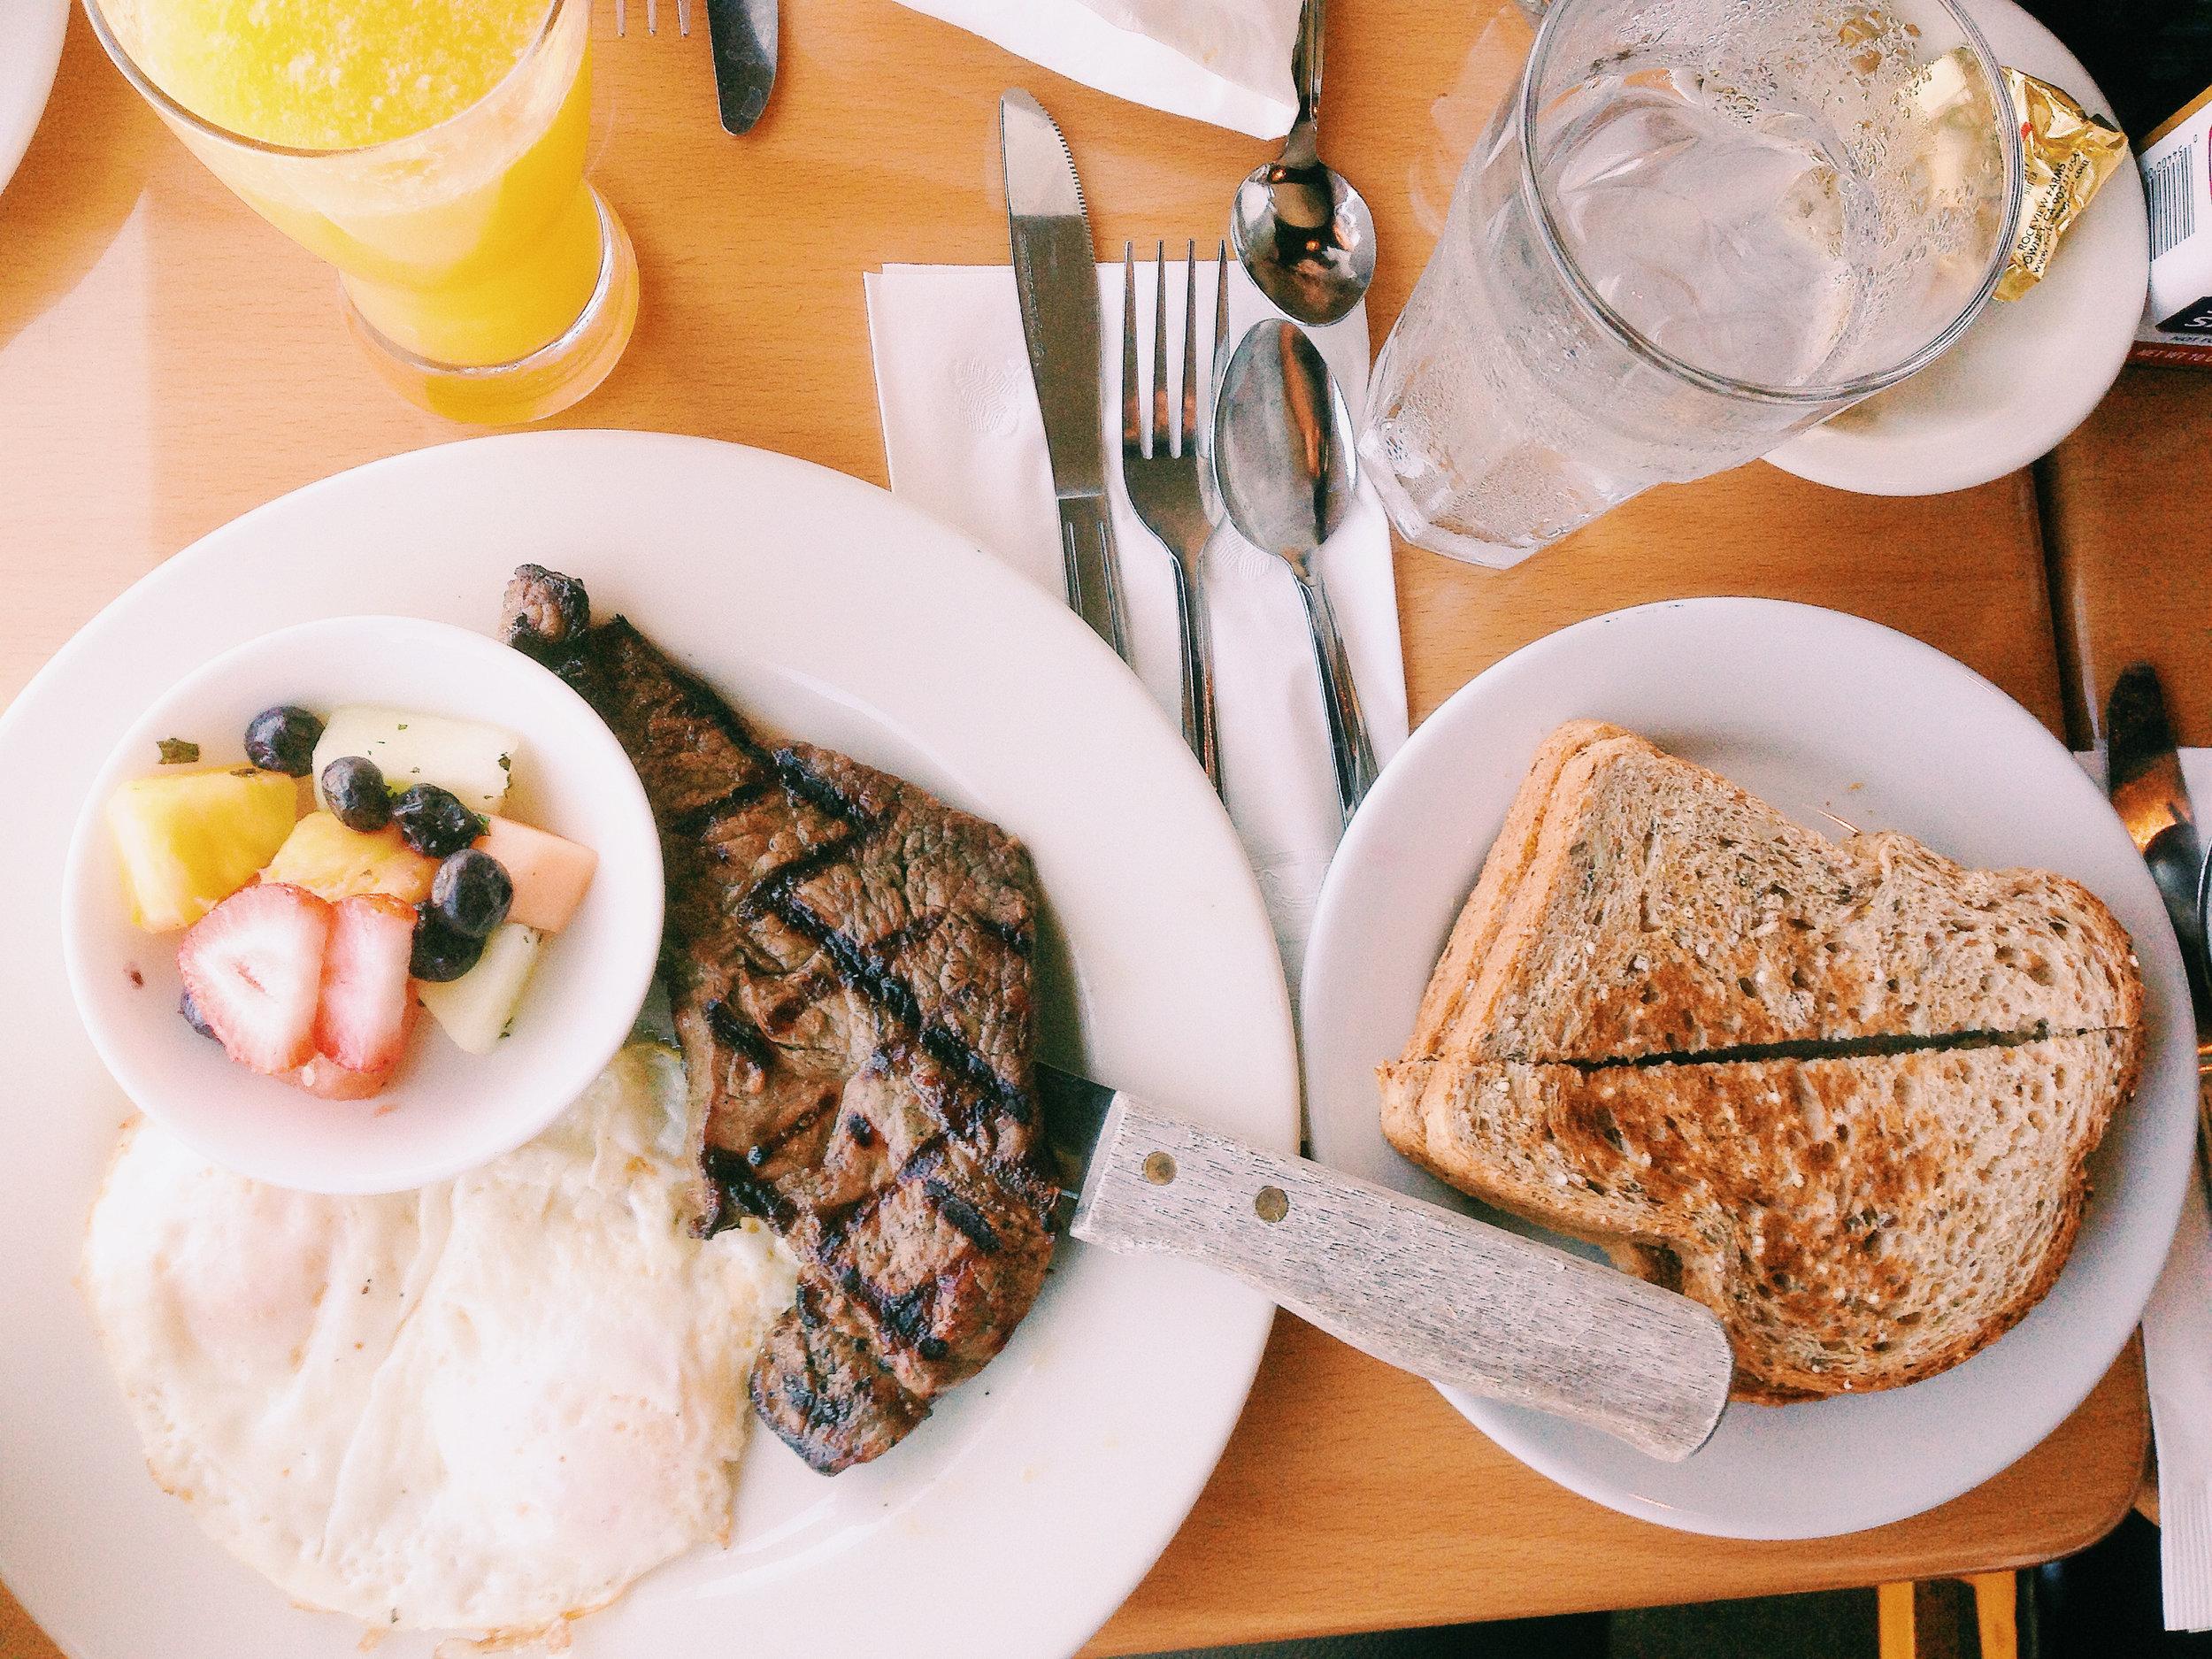 food-plate-toast-restaurant.jpg